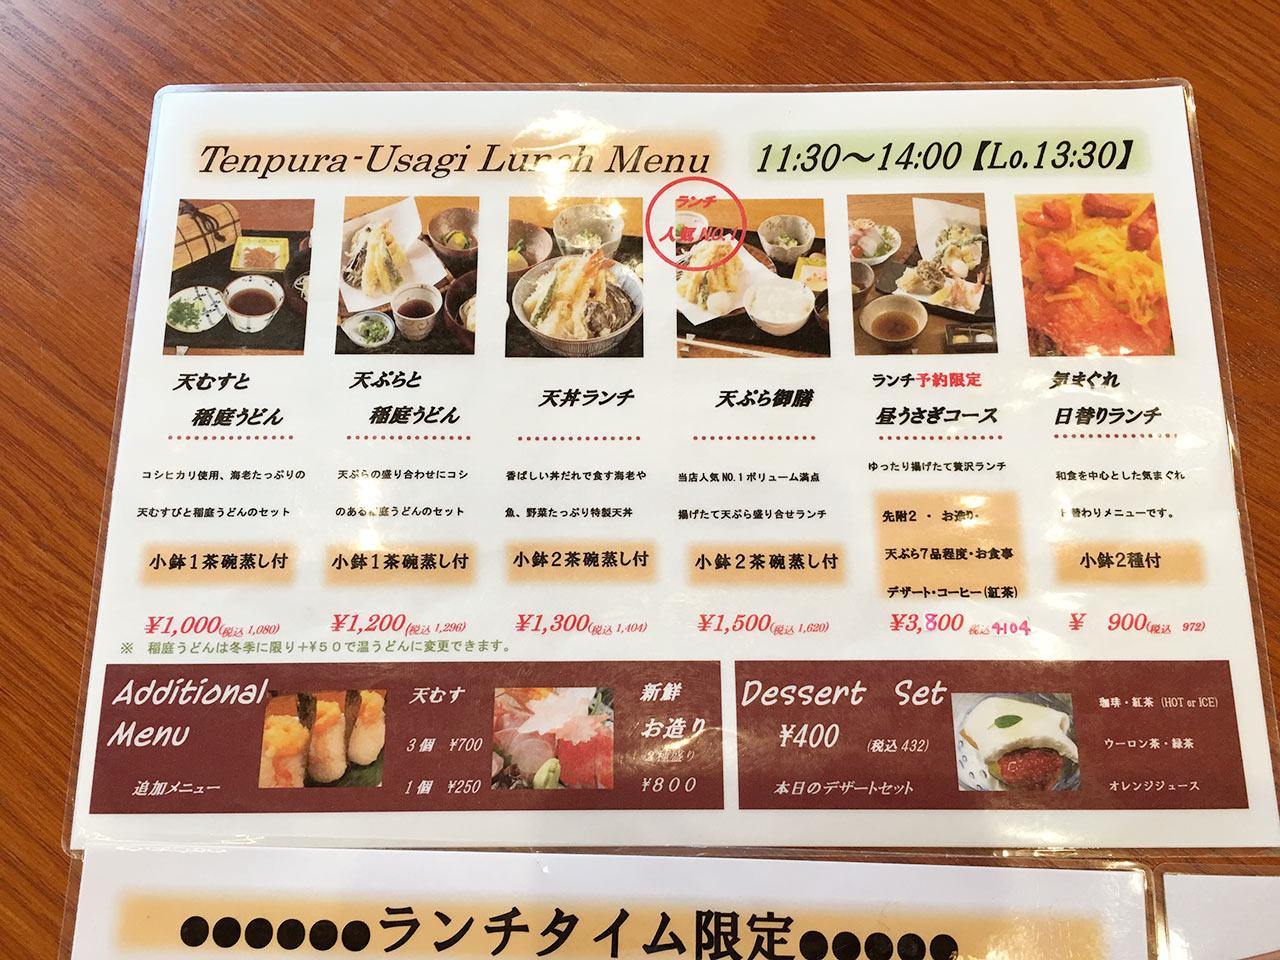 天ぷら割烹うさぎのランチメニュー